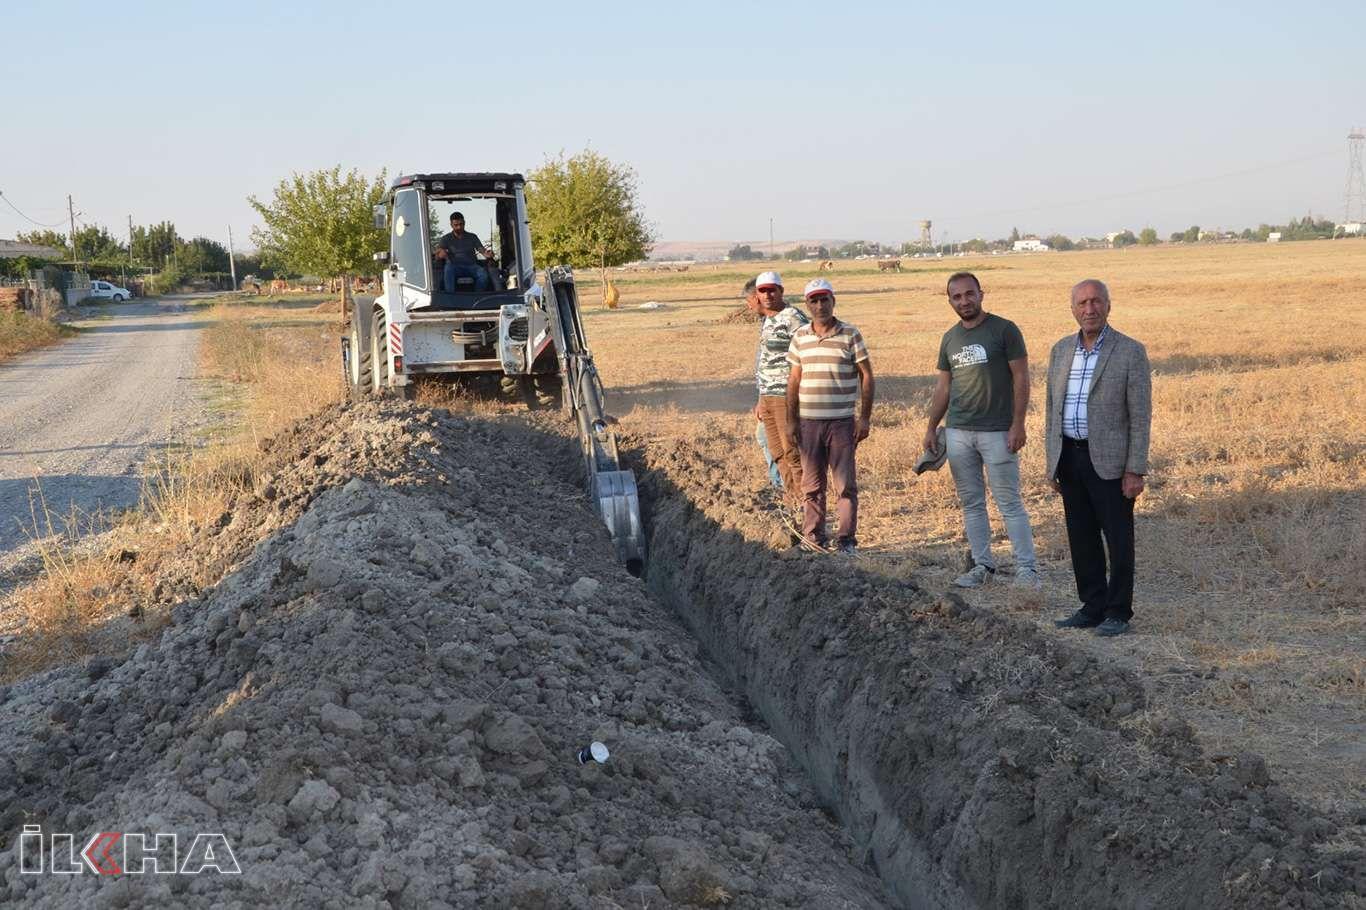 Balpınarda 12 bin metrelik içme suyu şebekesi ve altyapı çalışmaları sürüyor